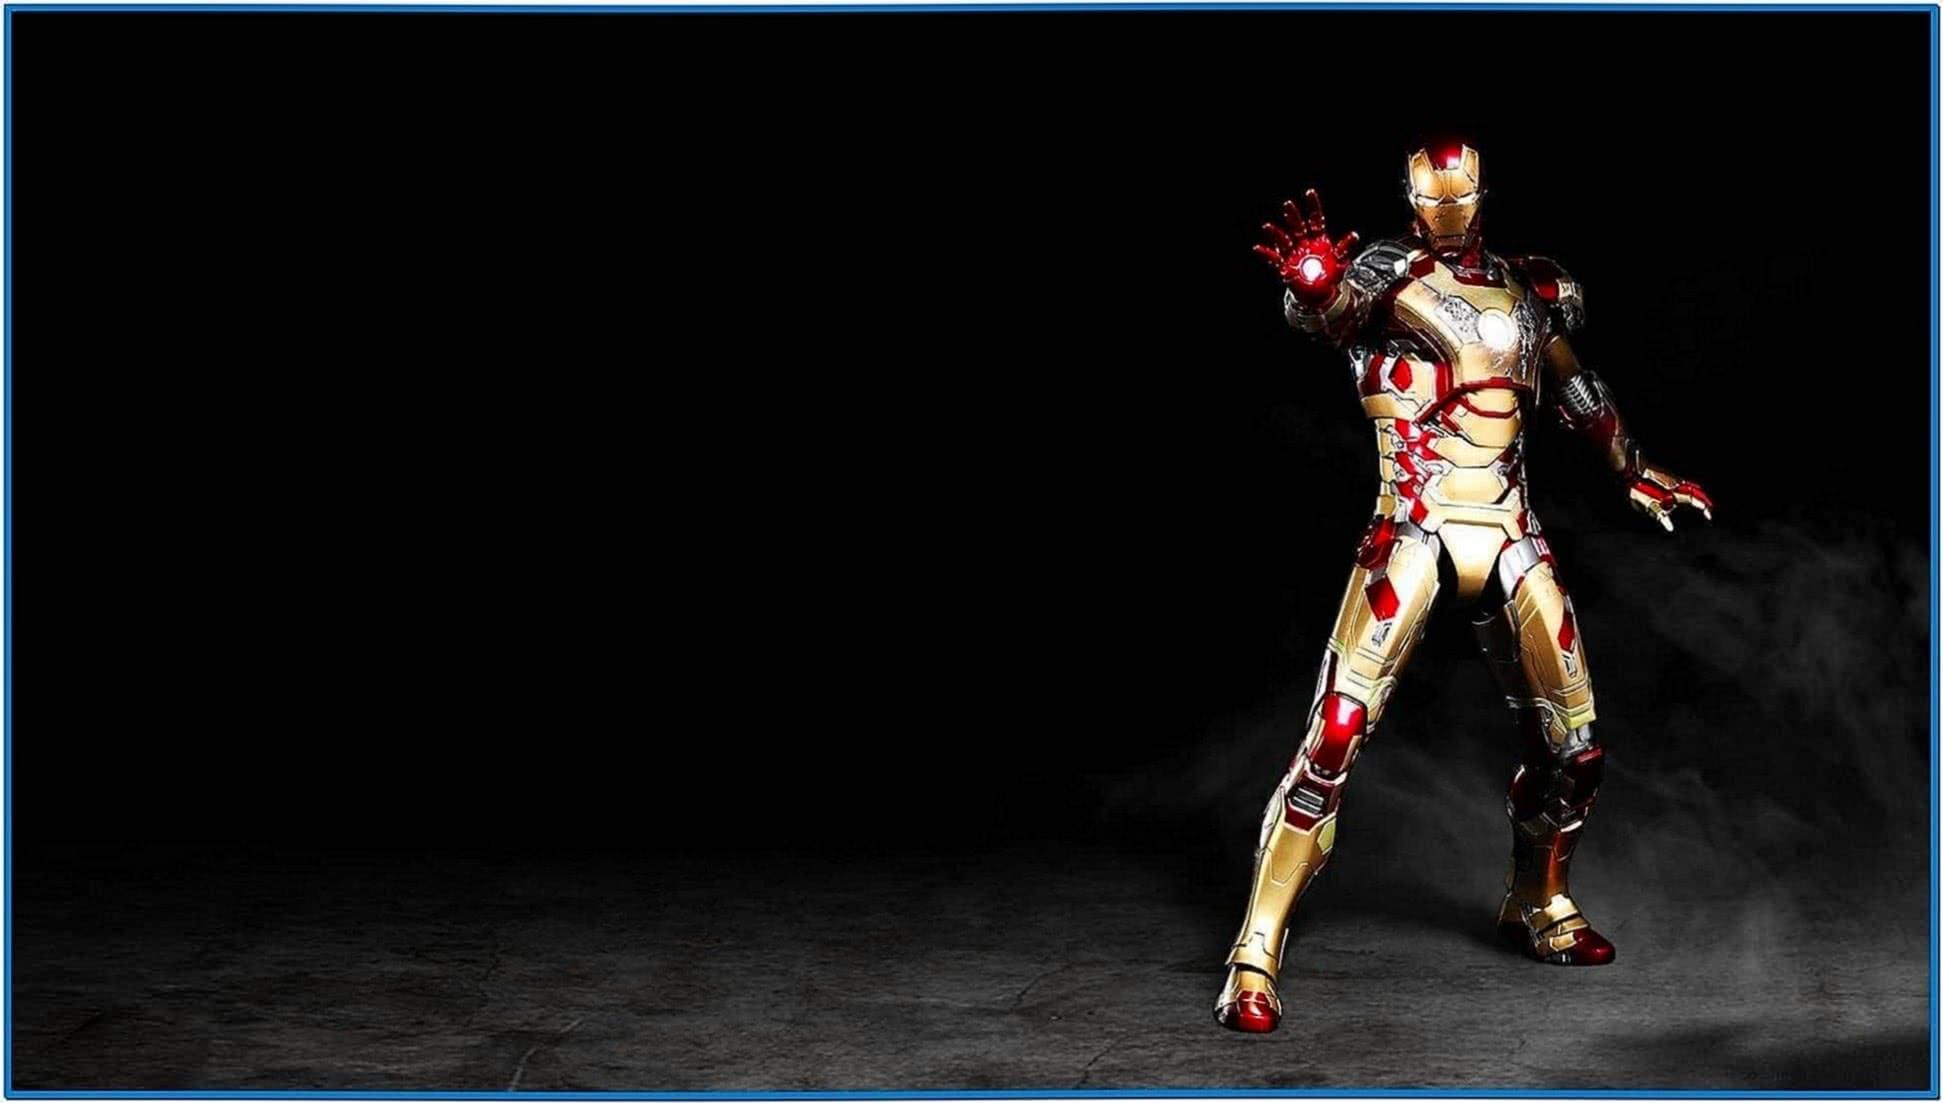 Screensaver iron man 3